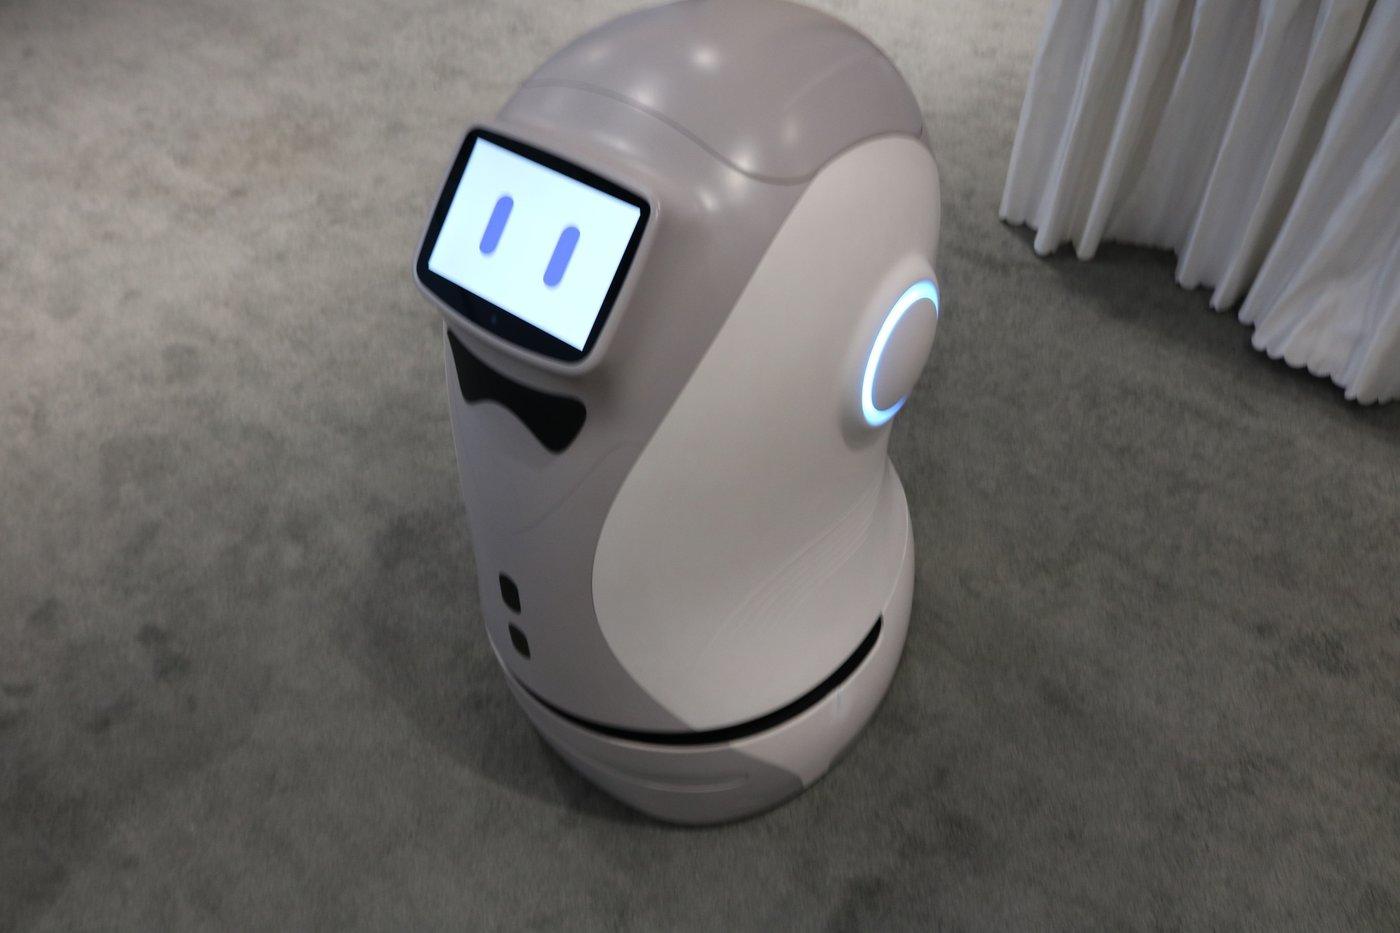 呆萌的YOGO配送机器人